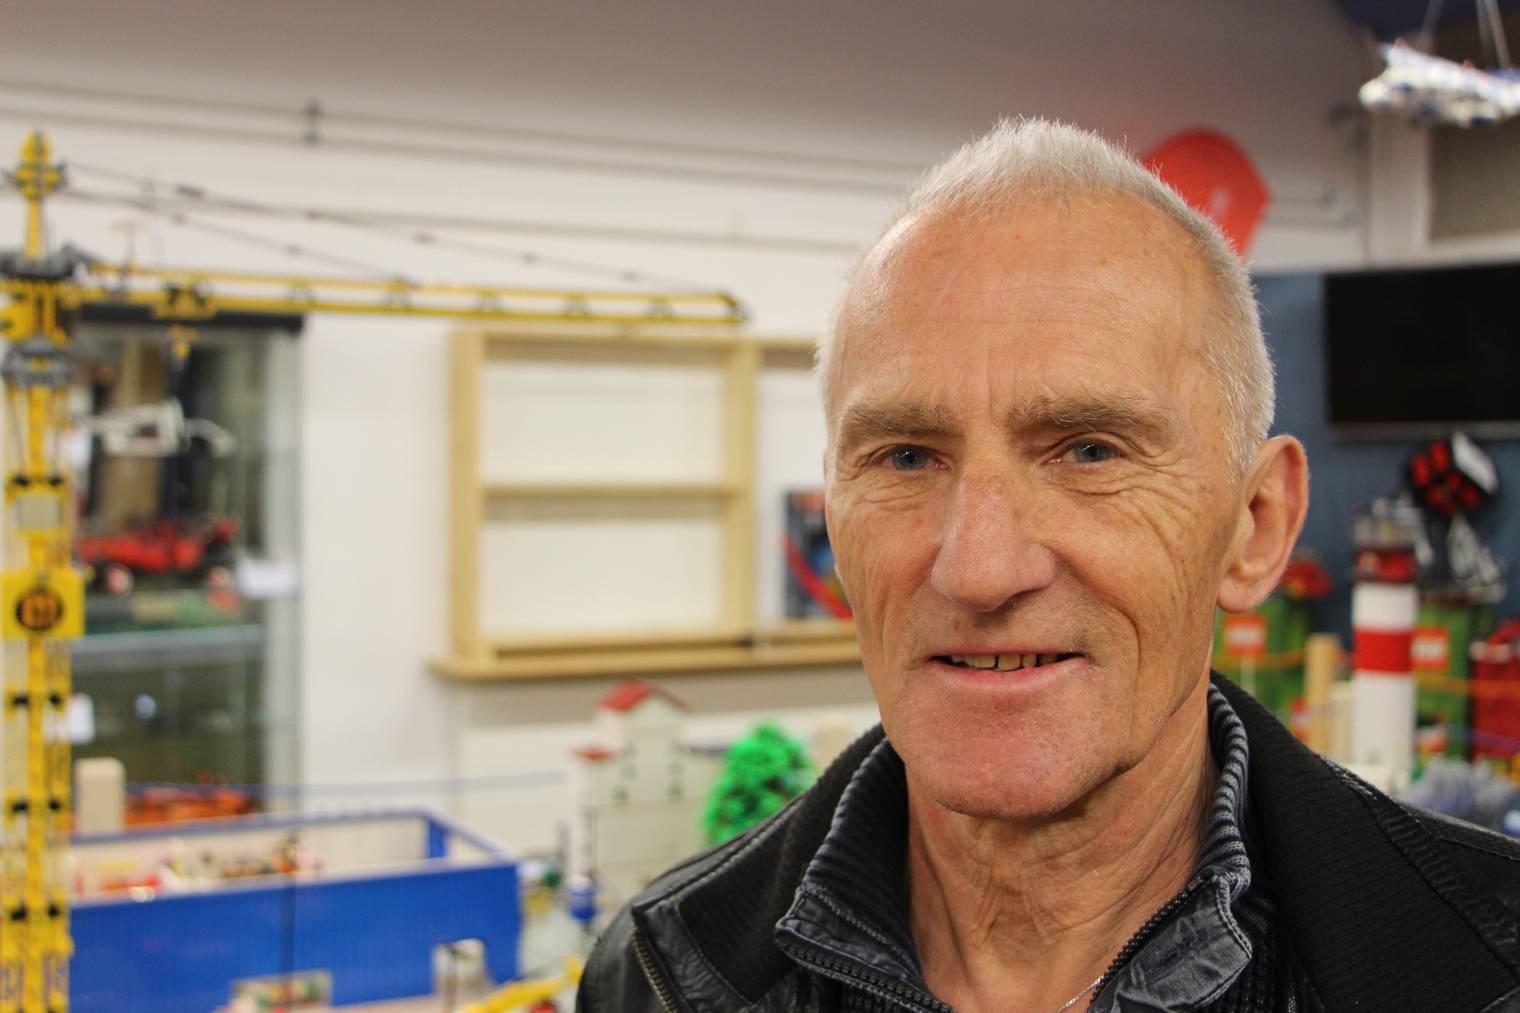 Ernst Kengelbacher von der Erlebniswelt Toggenburg ist selber auch fasziniert von Lego. (Bild: FM1Today/Noémie Bont)